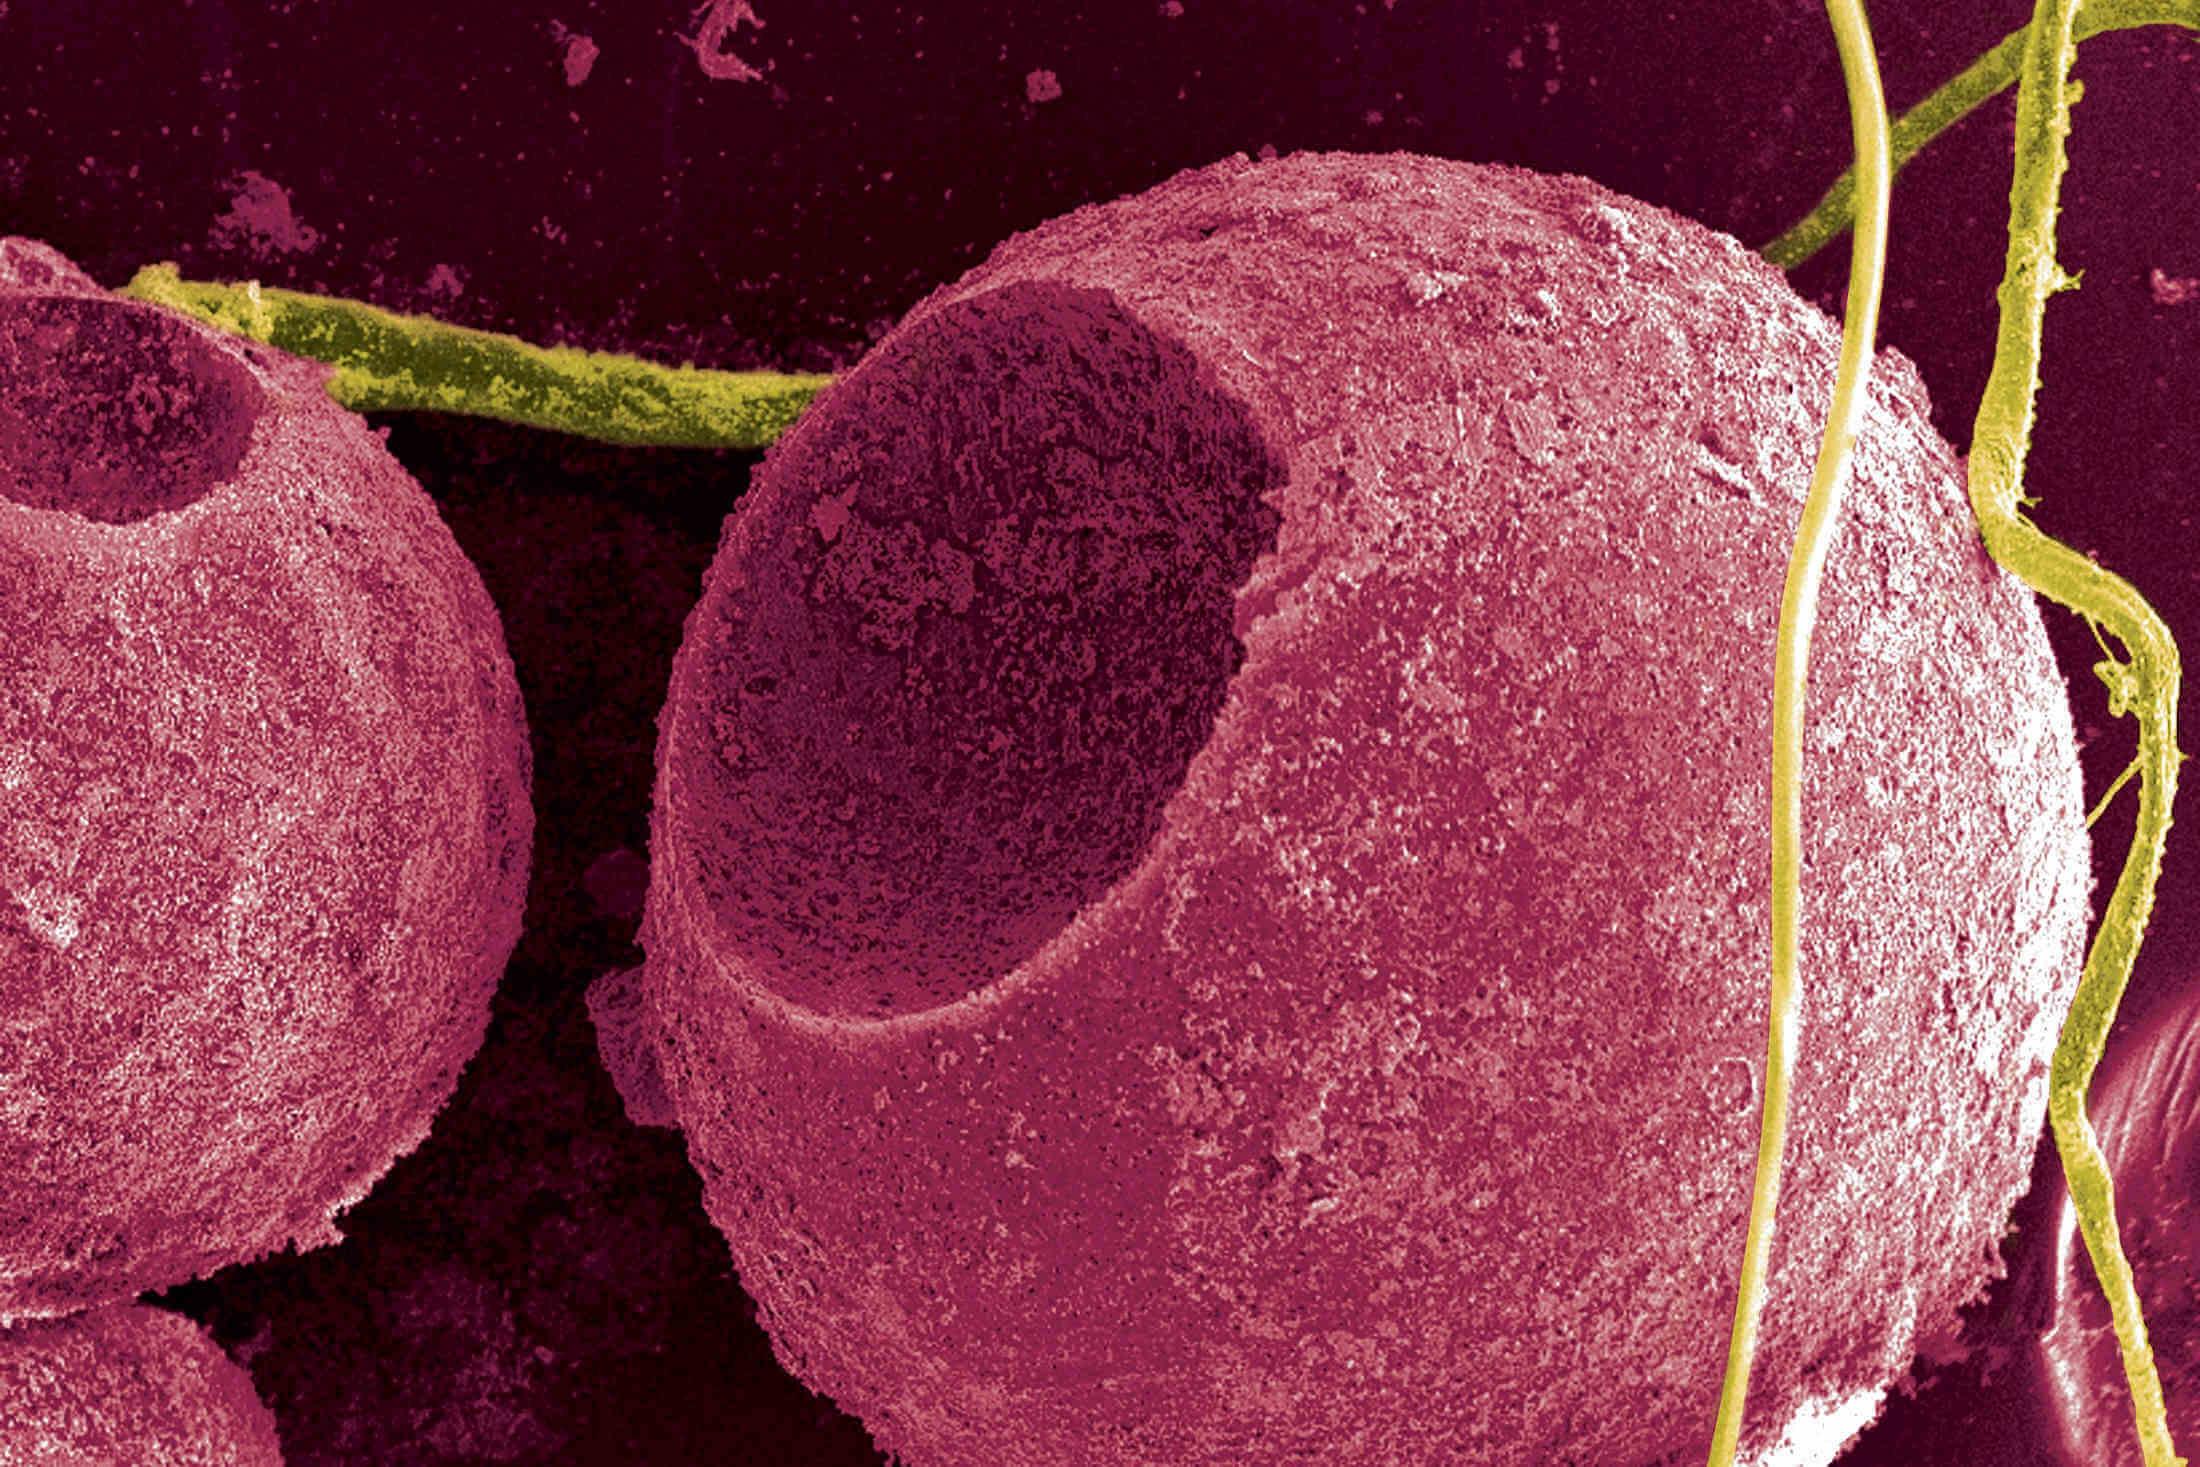 квантовая точка под микроскопом